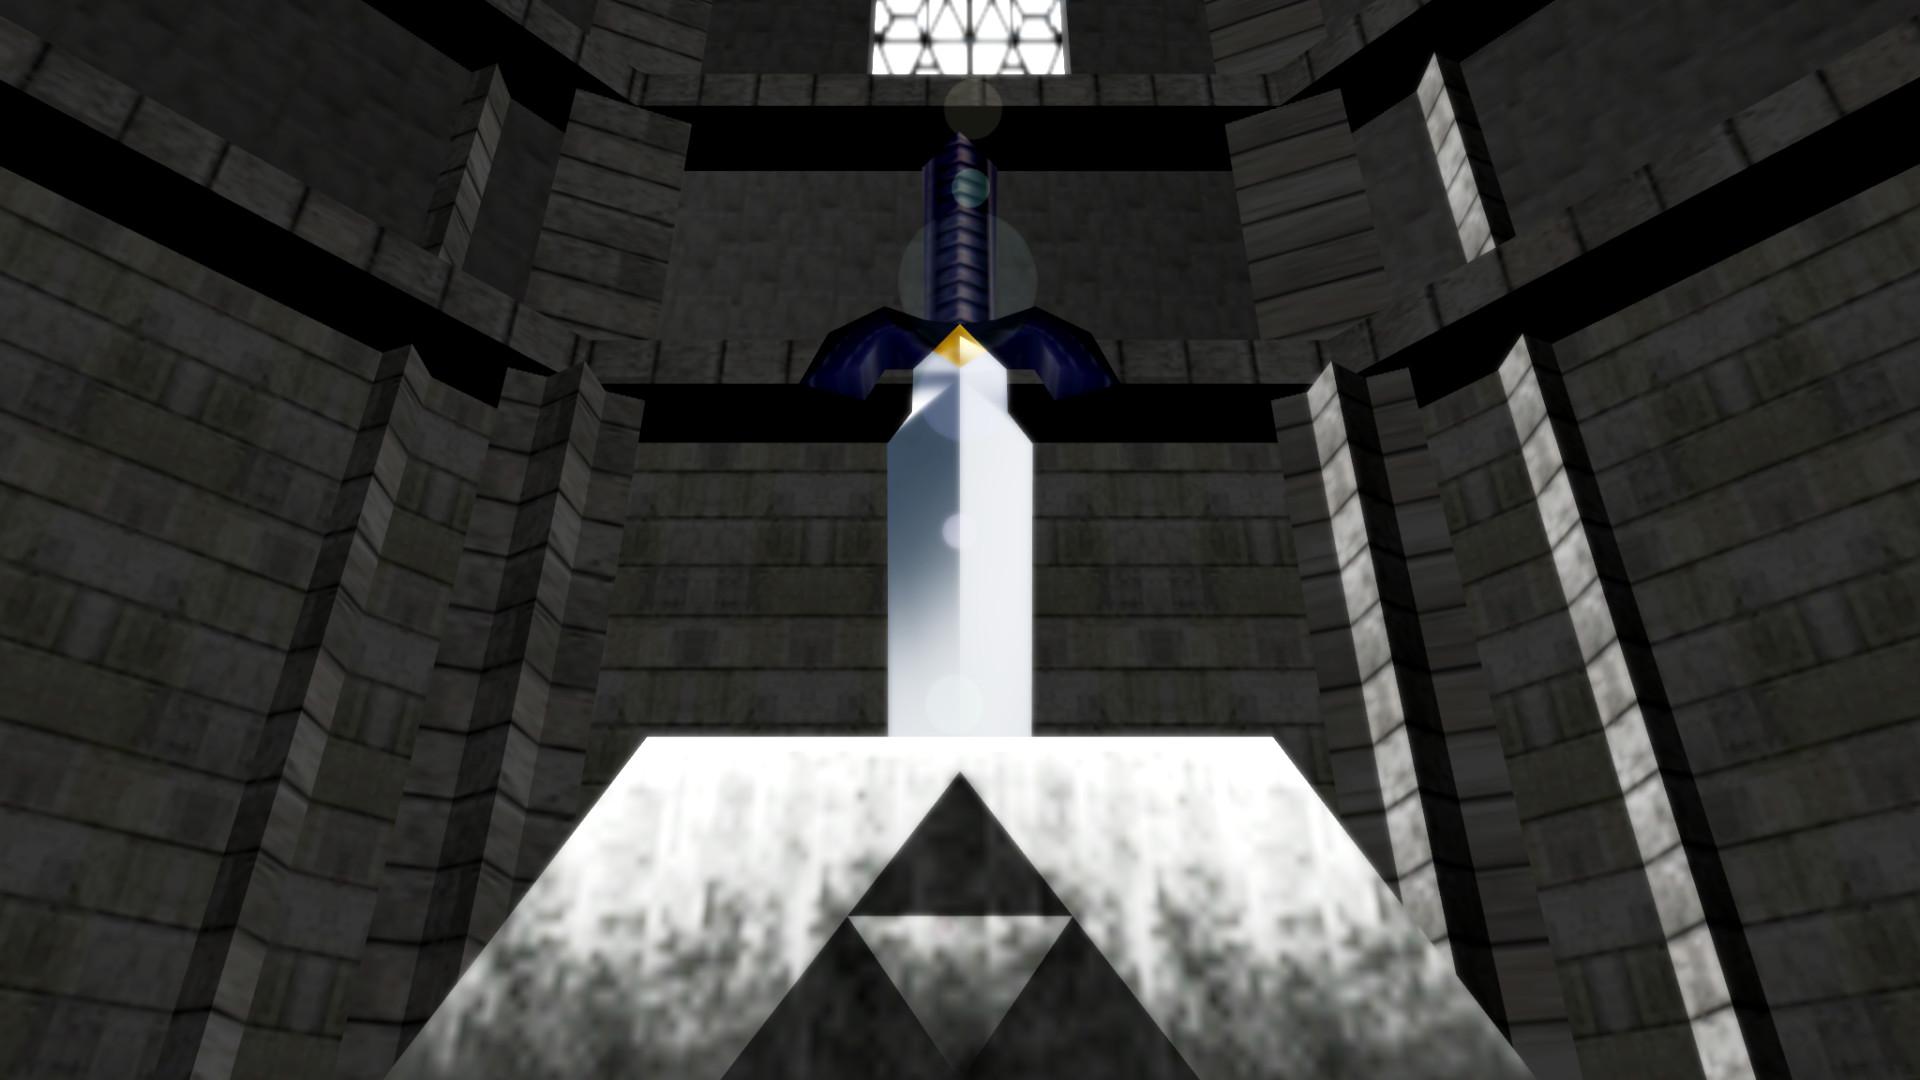 The Legend Of Zelda Ocarina Of Time Computer Wallpapers Desktop